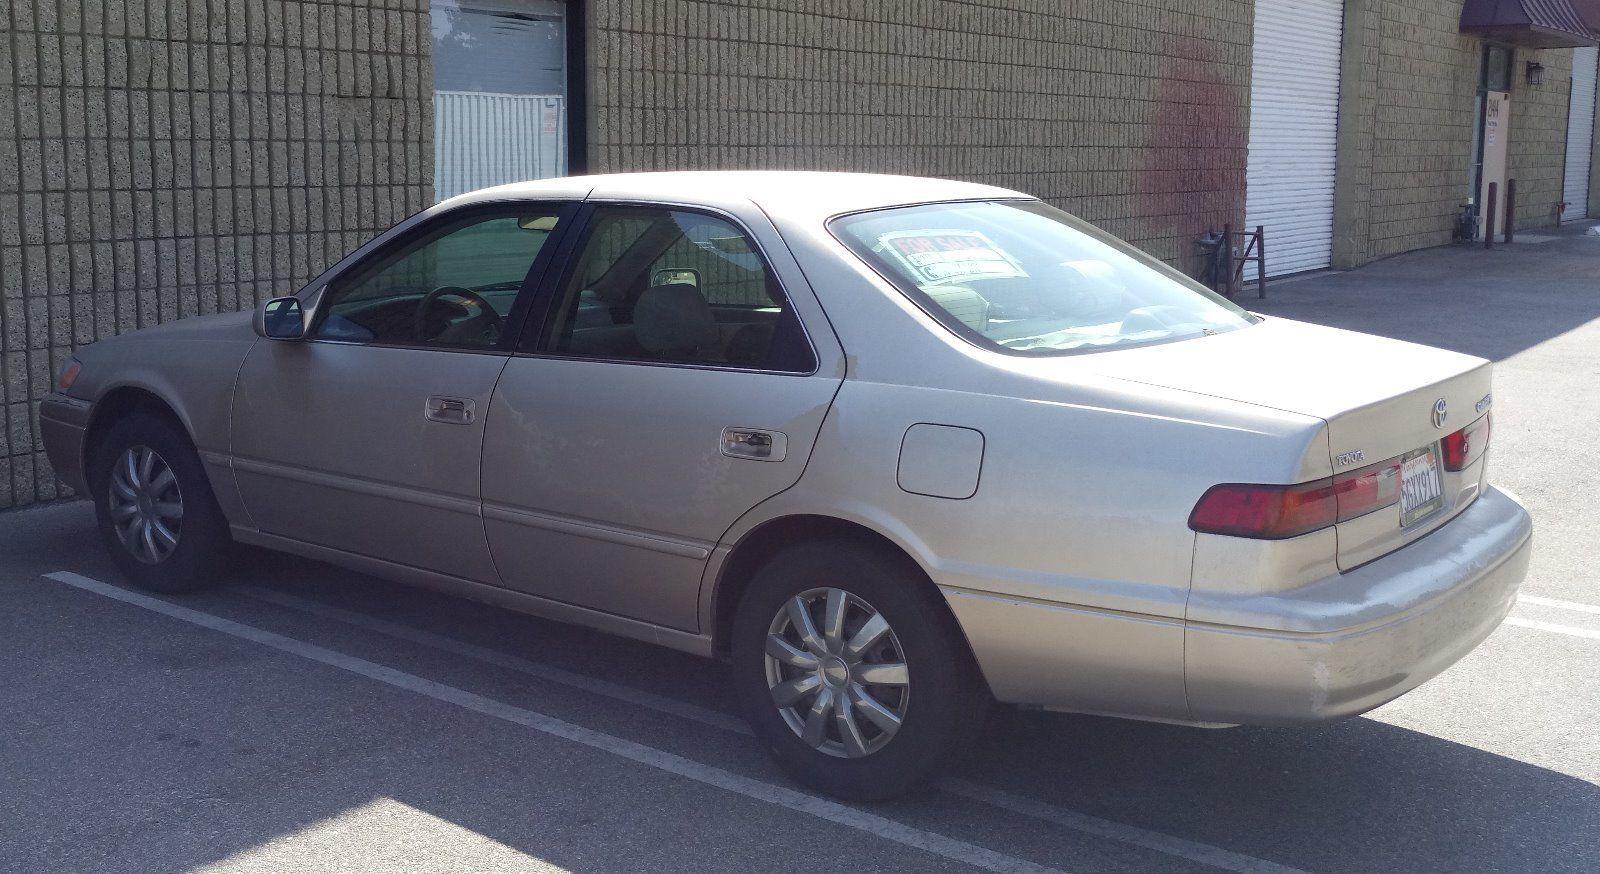 image Toyota blowjob nice car